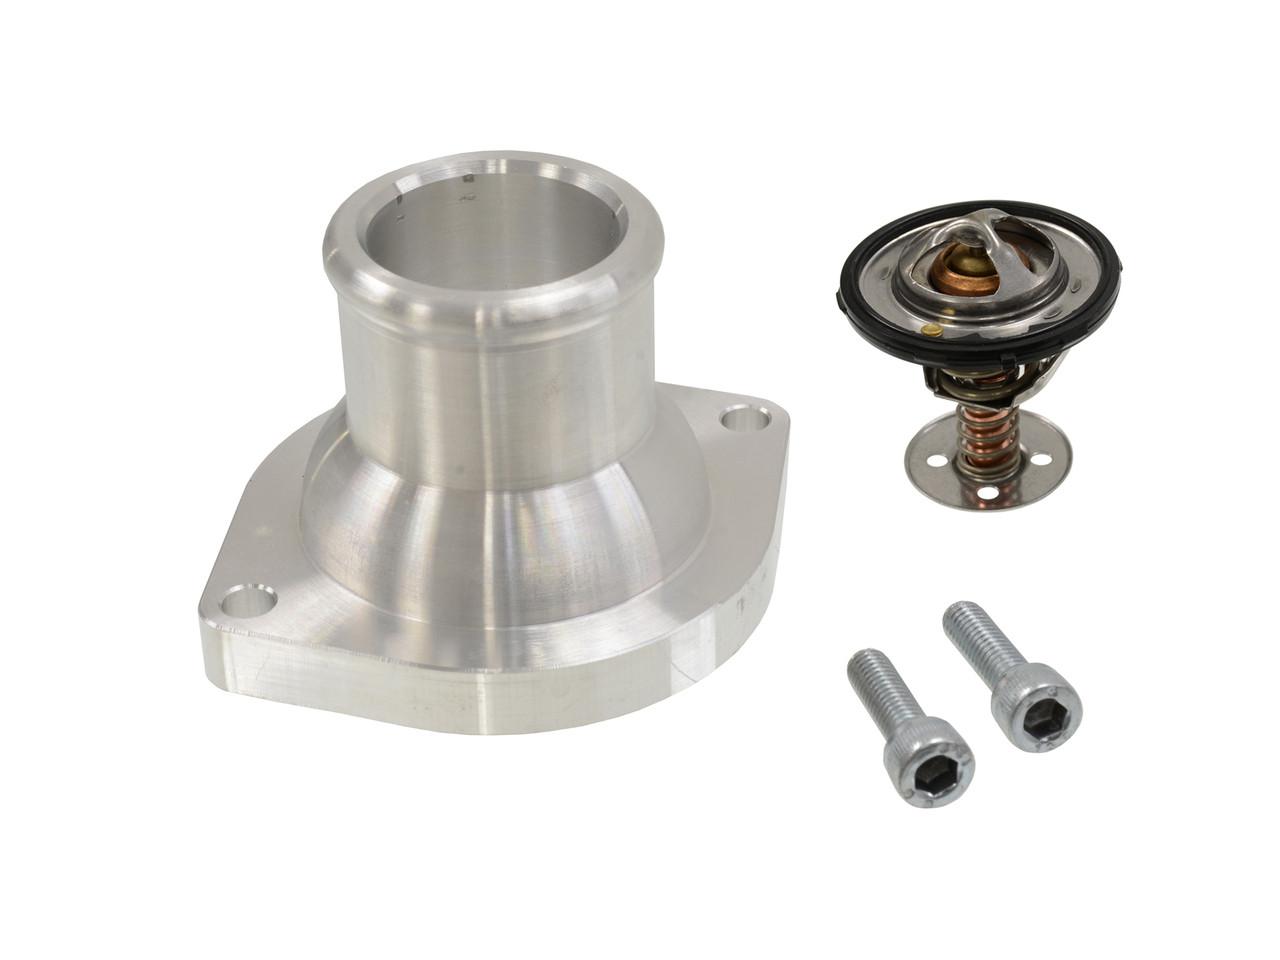 LS3 delphi 4.8L 5.3L 6.0 injector into LS1 LS2 injector Spacer Kit